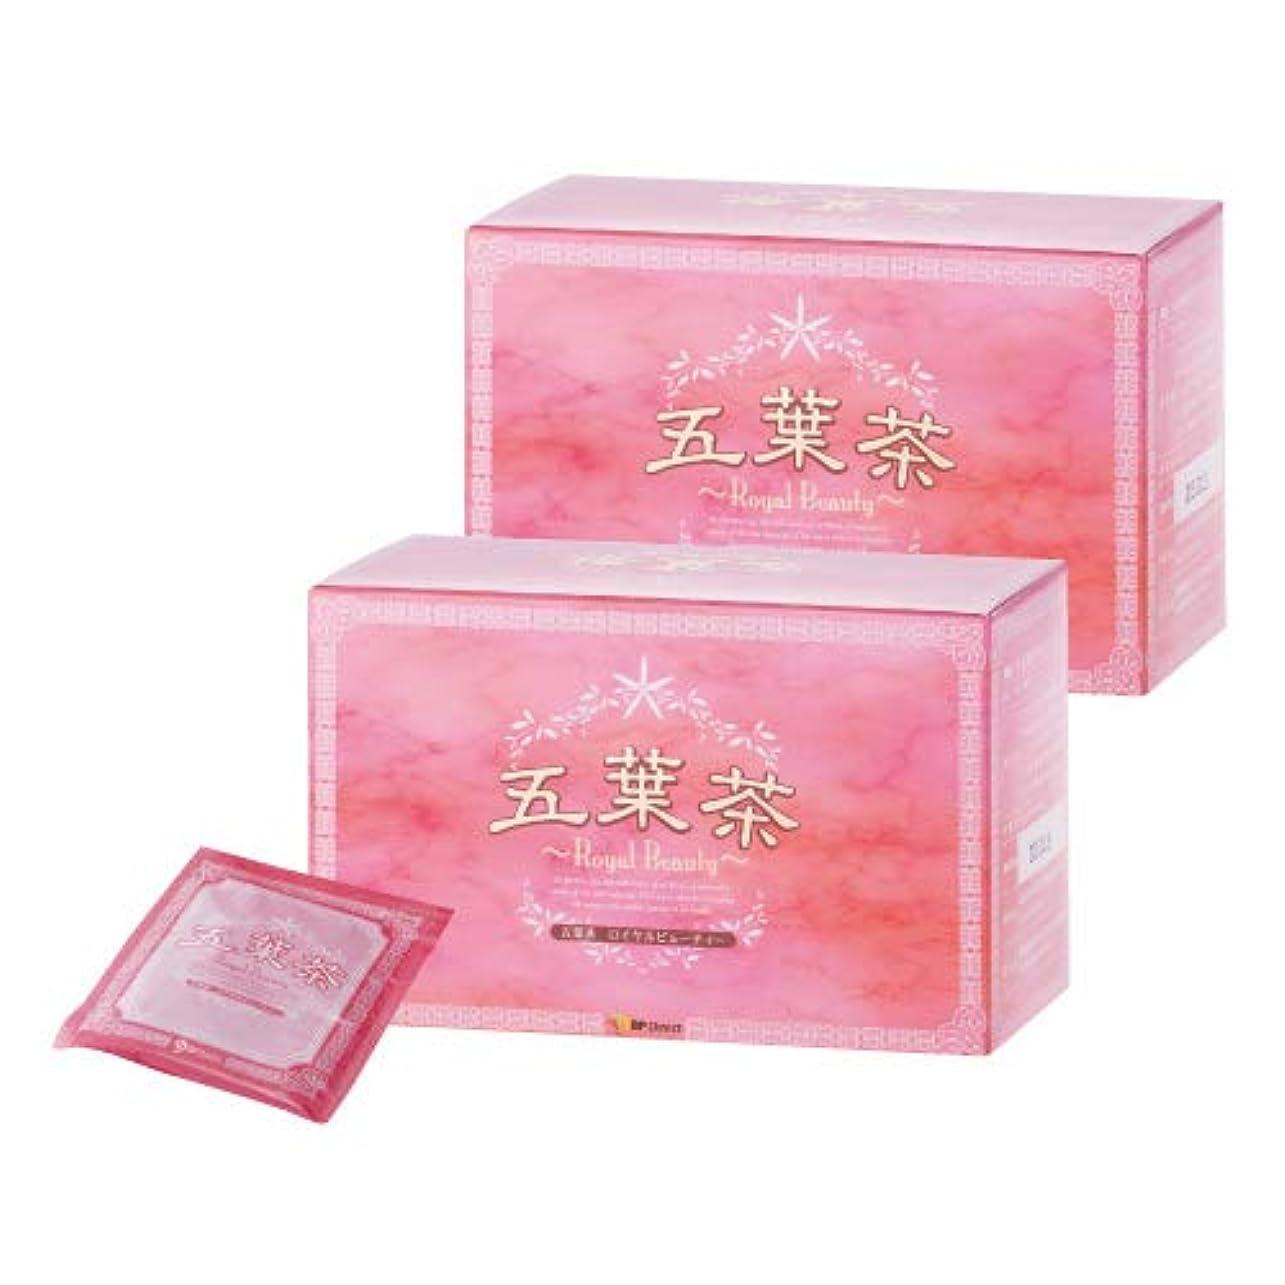 とげのあるとても多くの濃度五葉茶ロイヤルビューティー 30包 2箱セット ダイエット ダイエット茶 ダイエットティー 難消化性デキストリン